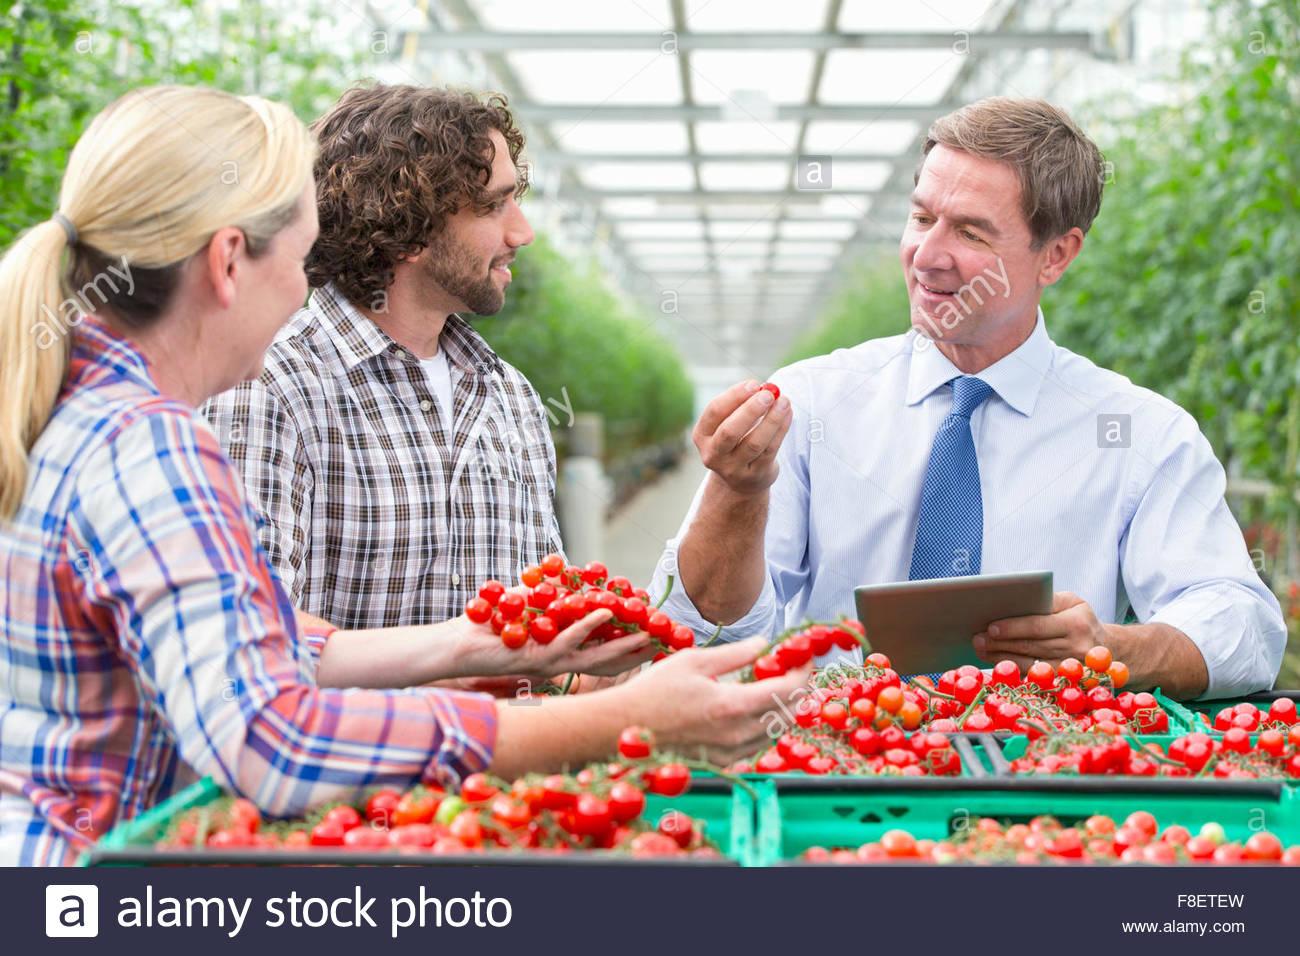 Geschäftsmann mit digital-Tablette und Züchter Inspektion Reifen Rotwein Tomaten im Gewächshaus Stockbild